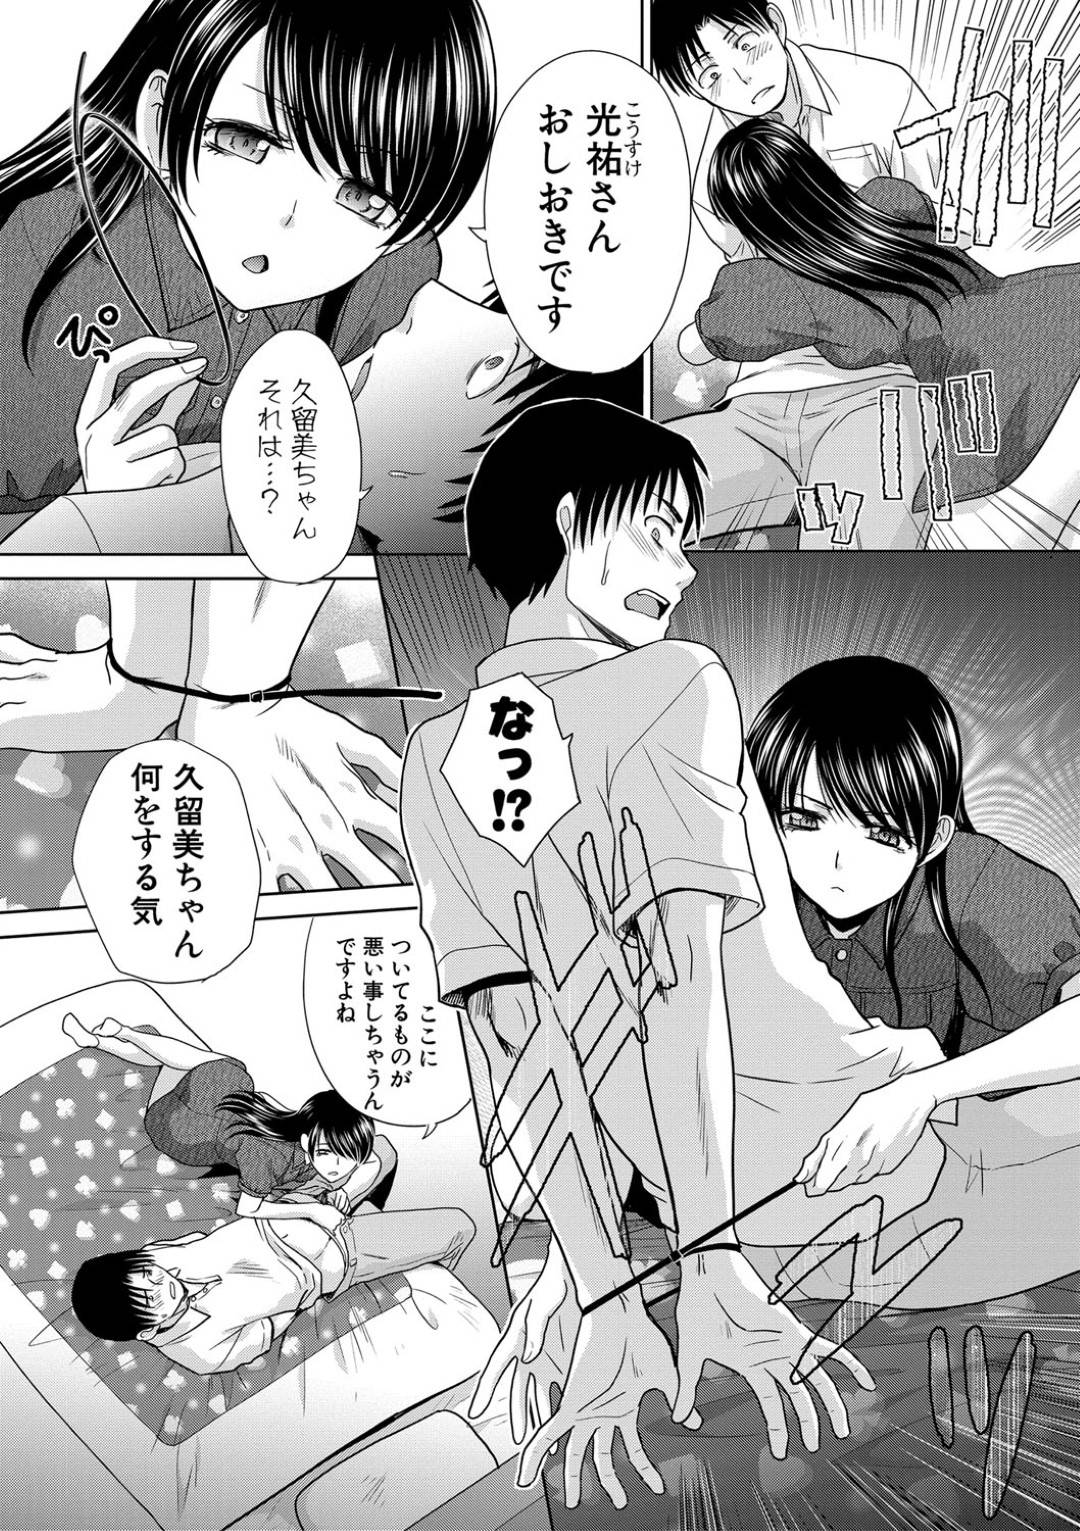 【エロ漫画】妹とまたセックスしている節操のない彼氏にお仕置きするJK彼女…射精させずに悶えさせながらフェラと騎乗位でお仕置き!【板場広し】